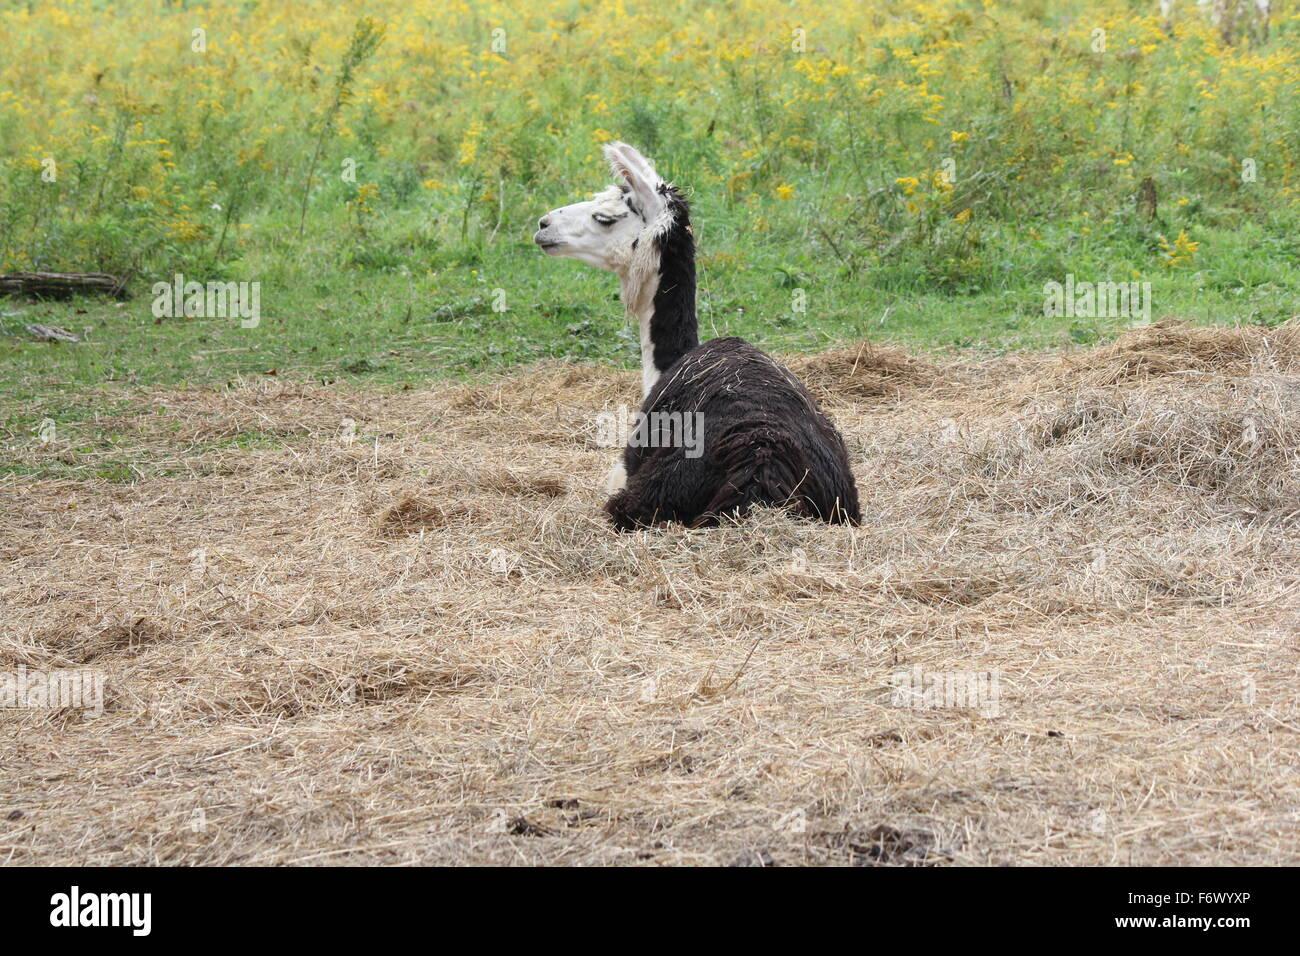 Llama sur une petite ferme d'agrément, pose sous un tas de paille. Le Lama est une des camélidés Photo Stock